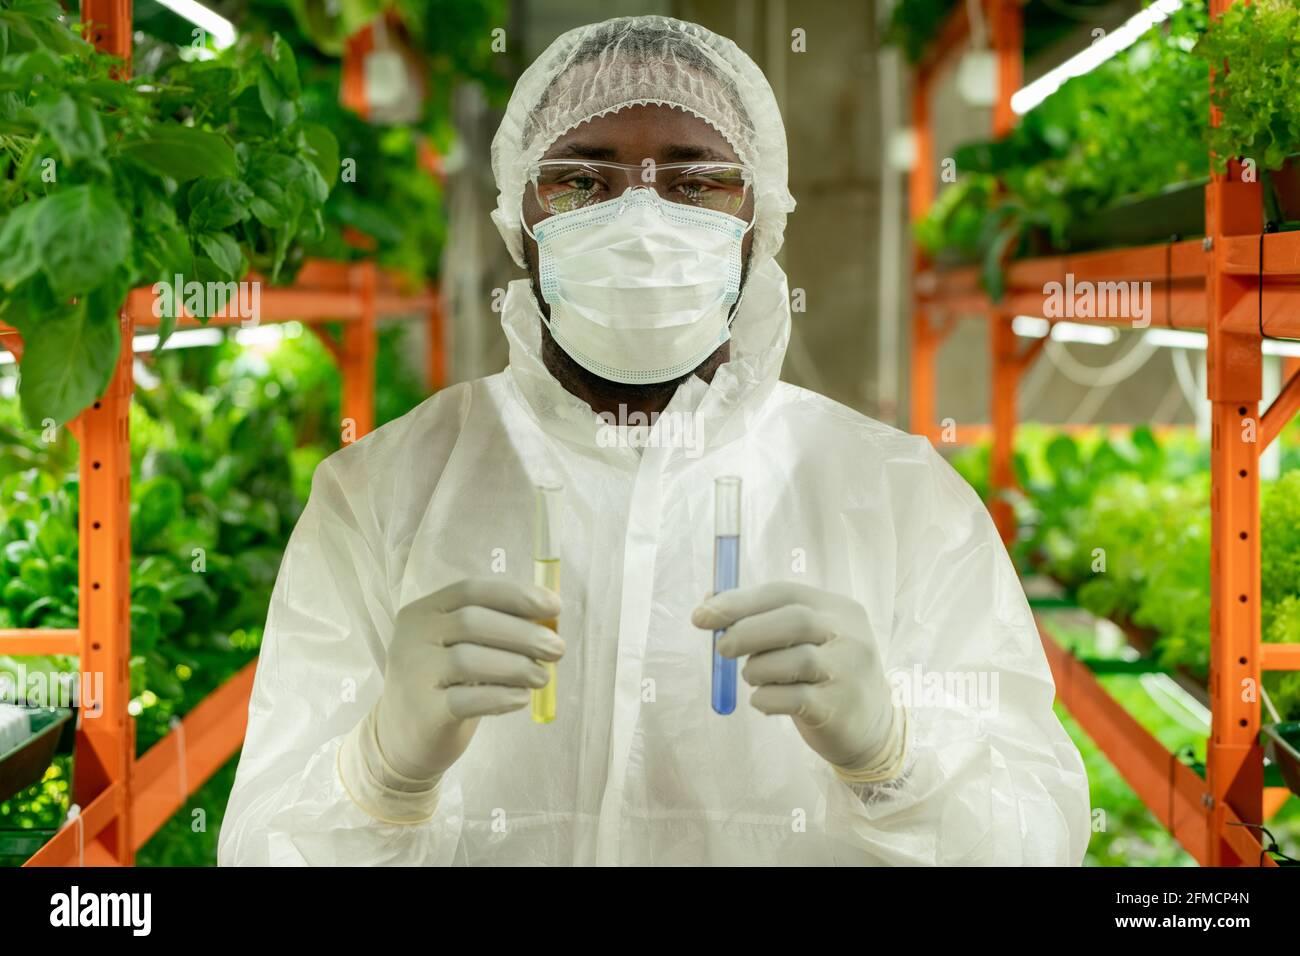 Portrait d'un jeune travailleur de la culture afro-américaine en casquette, masque et lunettes de sécurité debout avec des tubes à essai de liquides colorés à la ferme verticale Banque D'Images